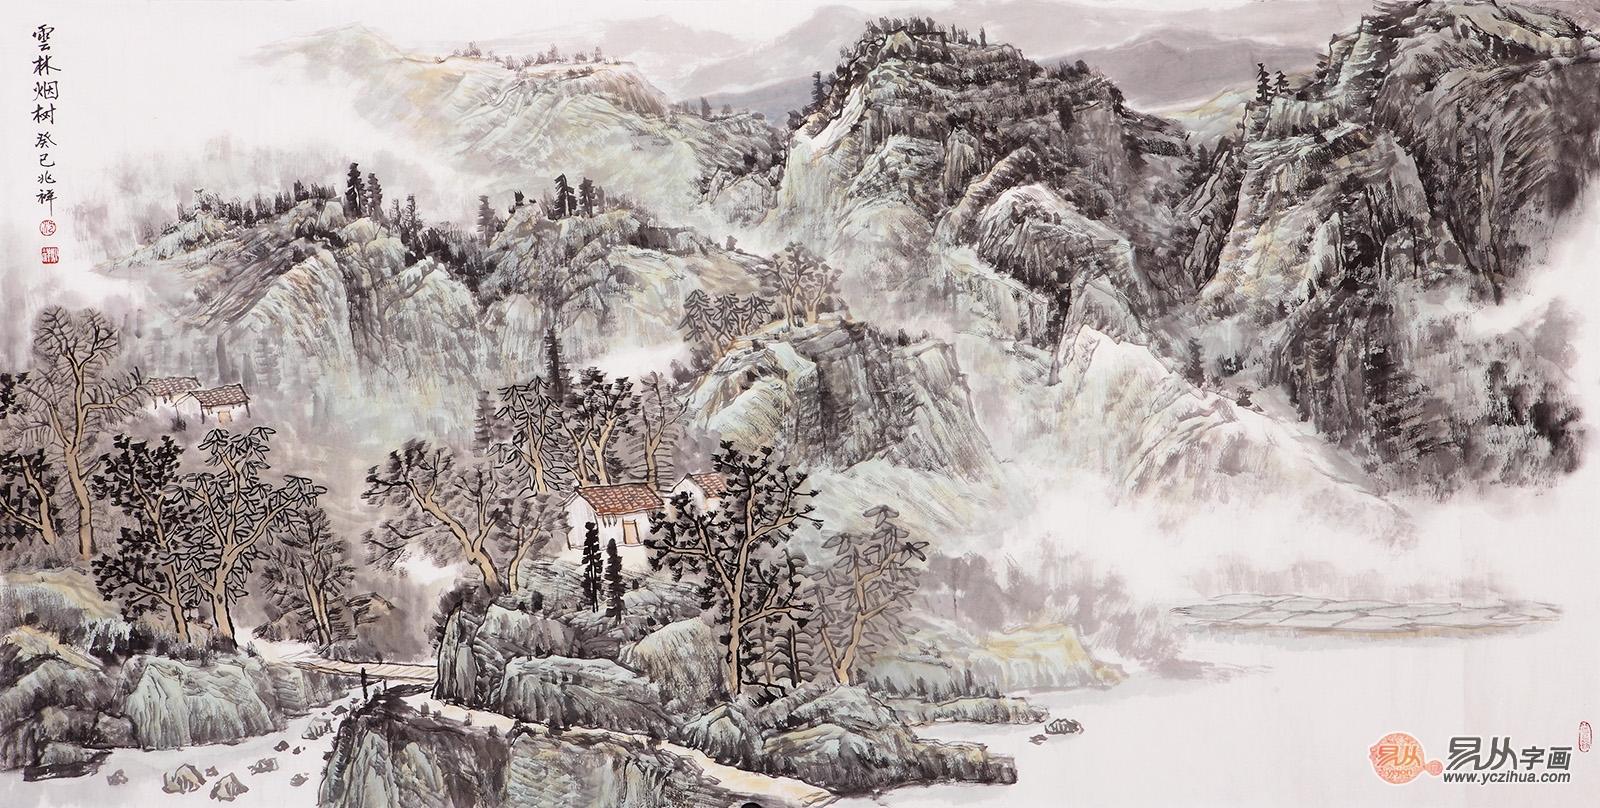 沈兆祥四尺横幅山水画作品《云林烟树》